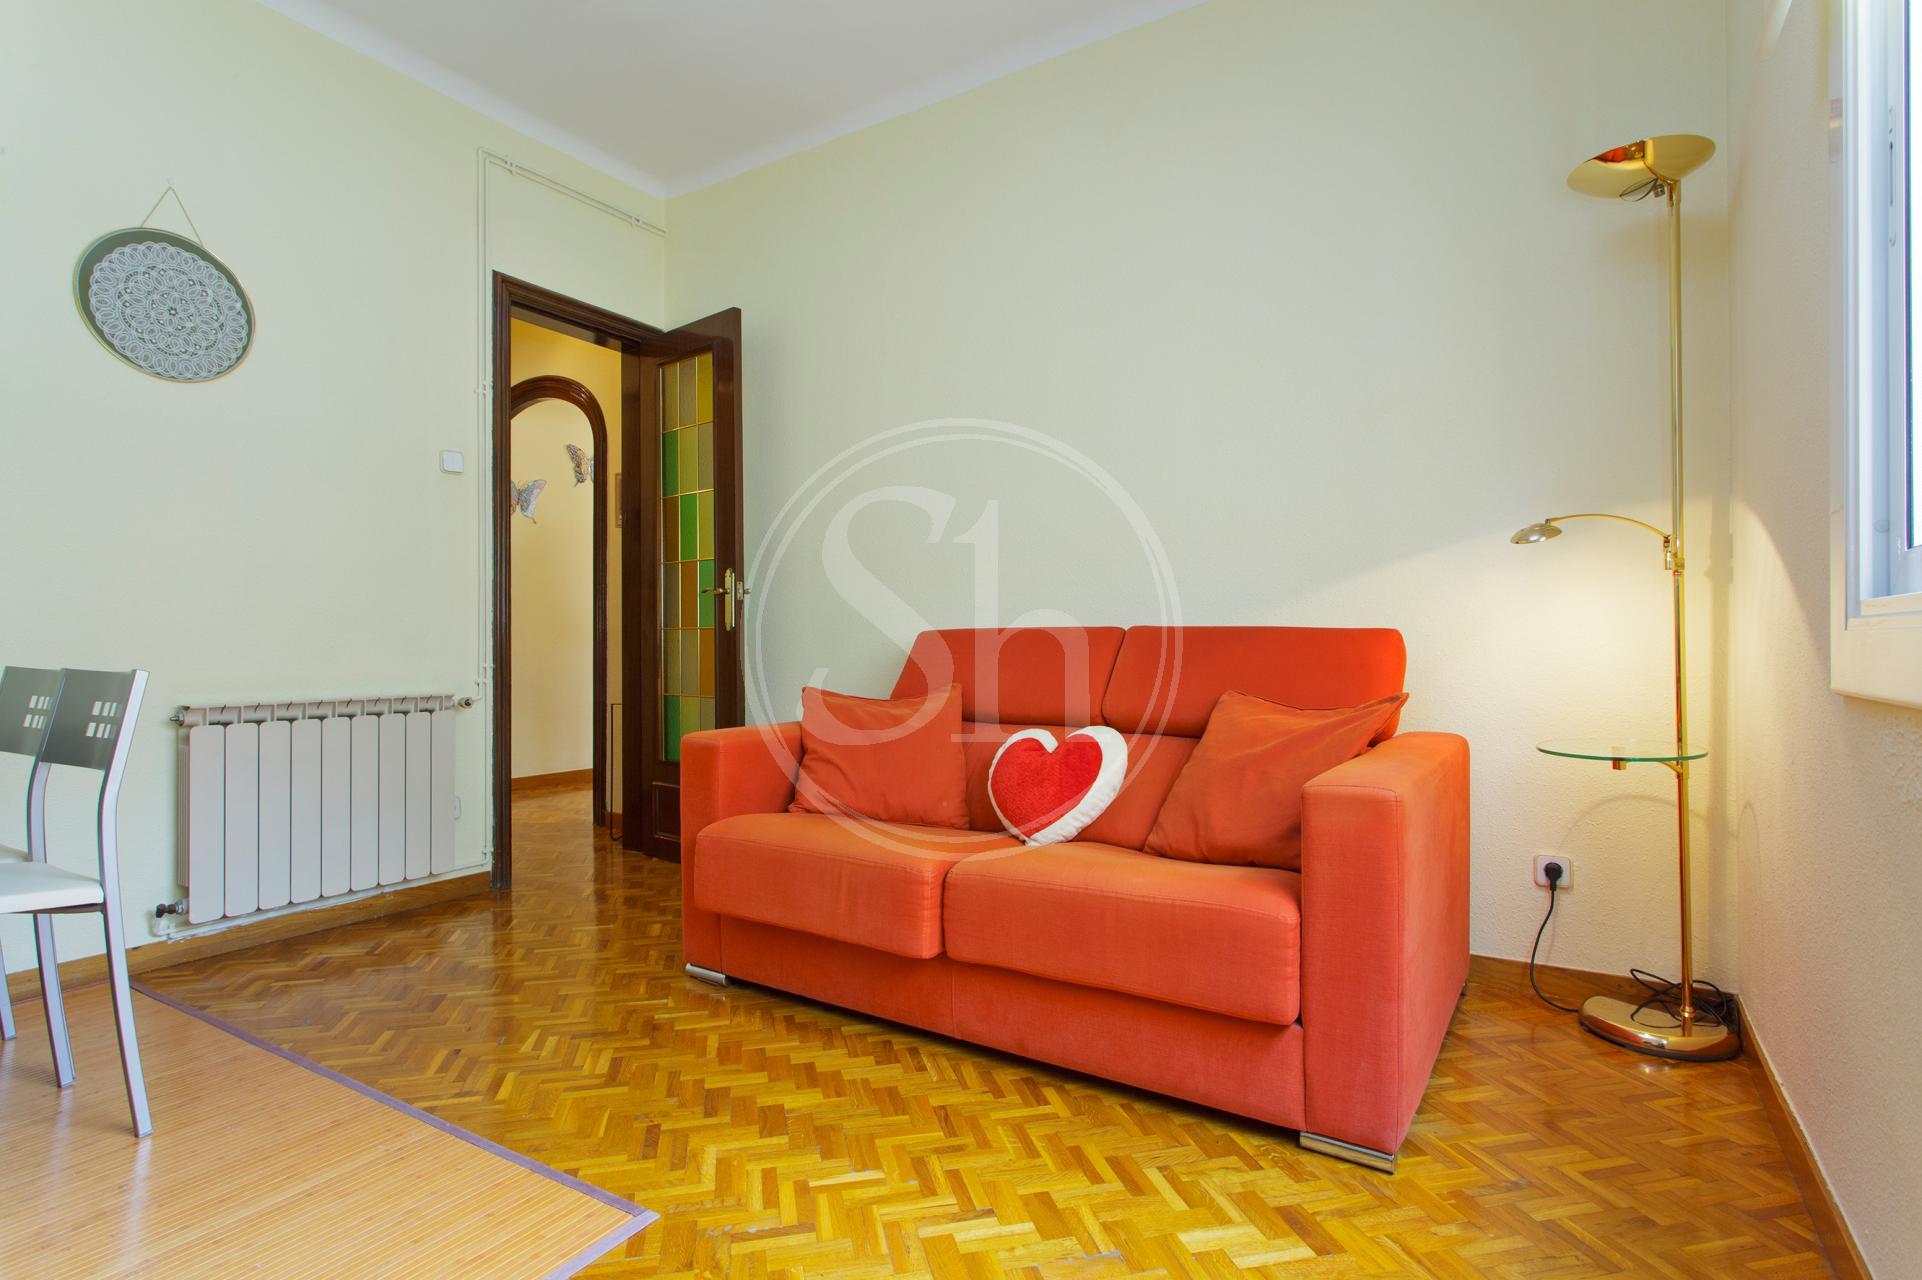 Apartment for Rent in Barcelona Legalitat - Escorial